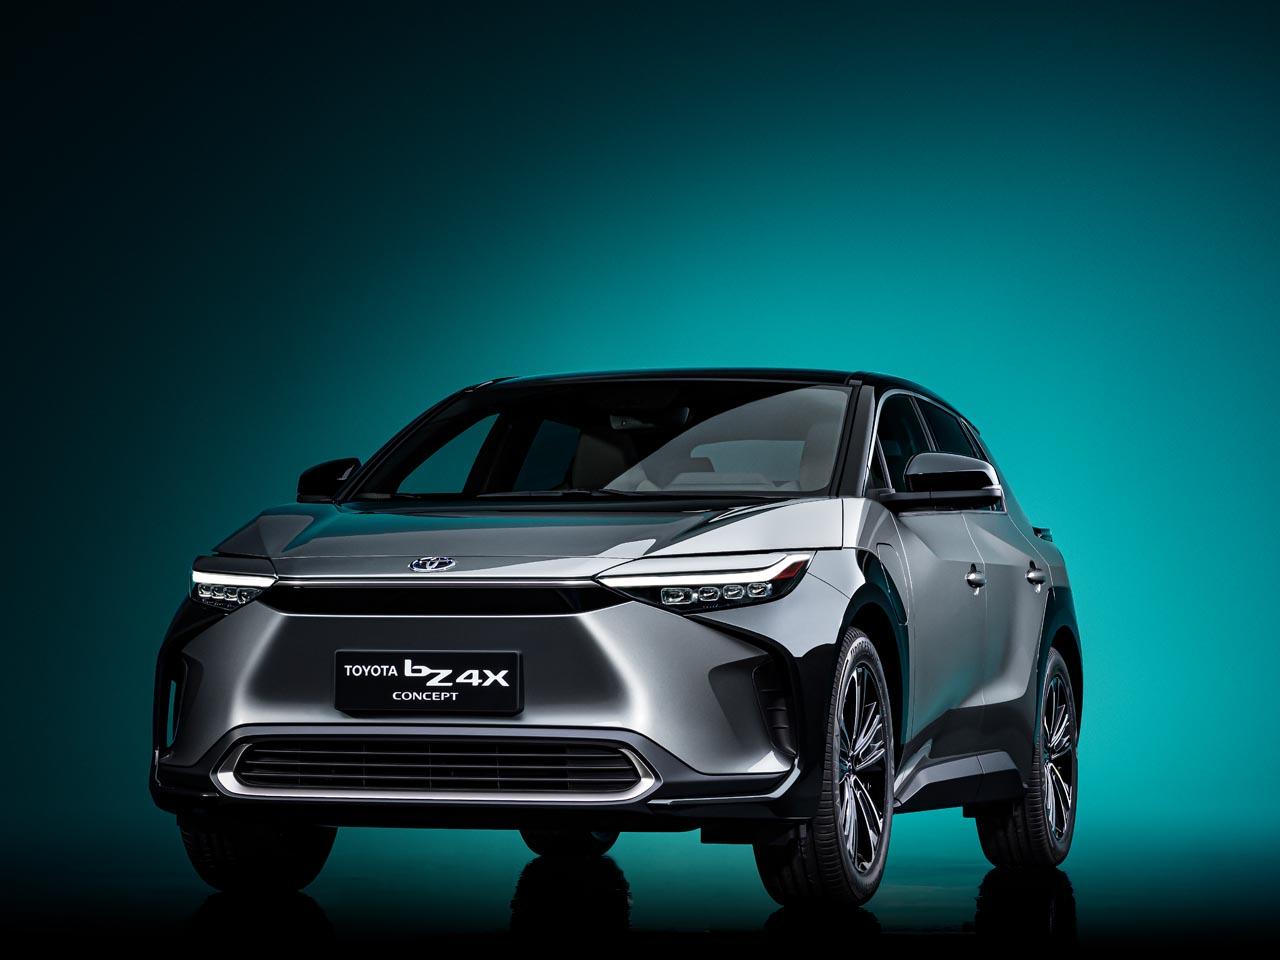 Toyota bZ4X Concept: Ein Name, ein Programm